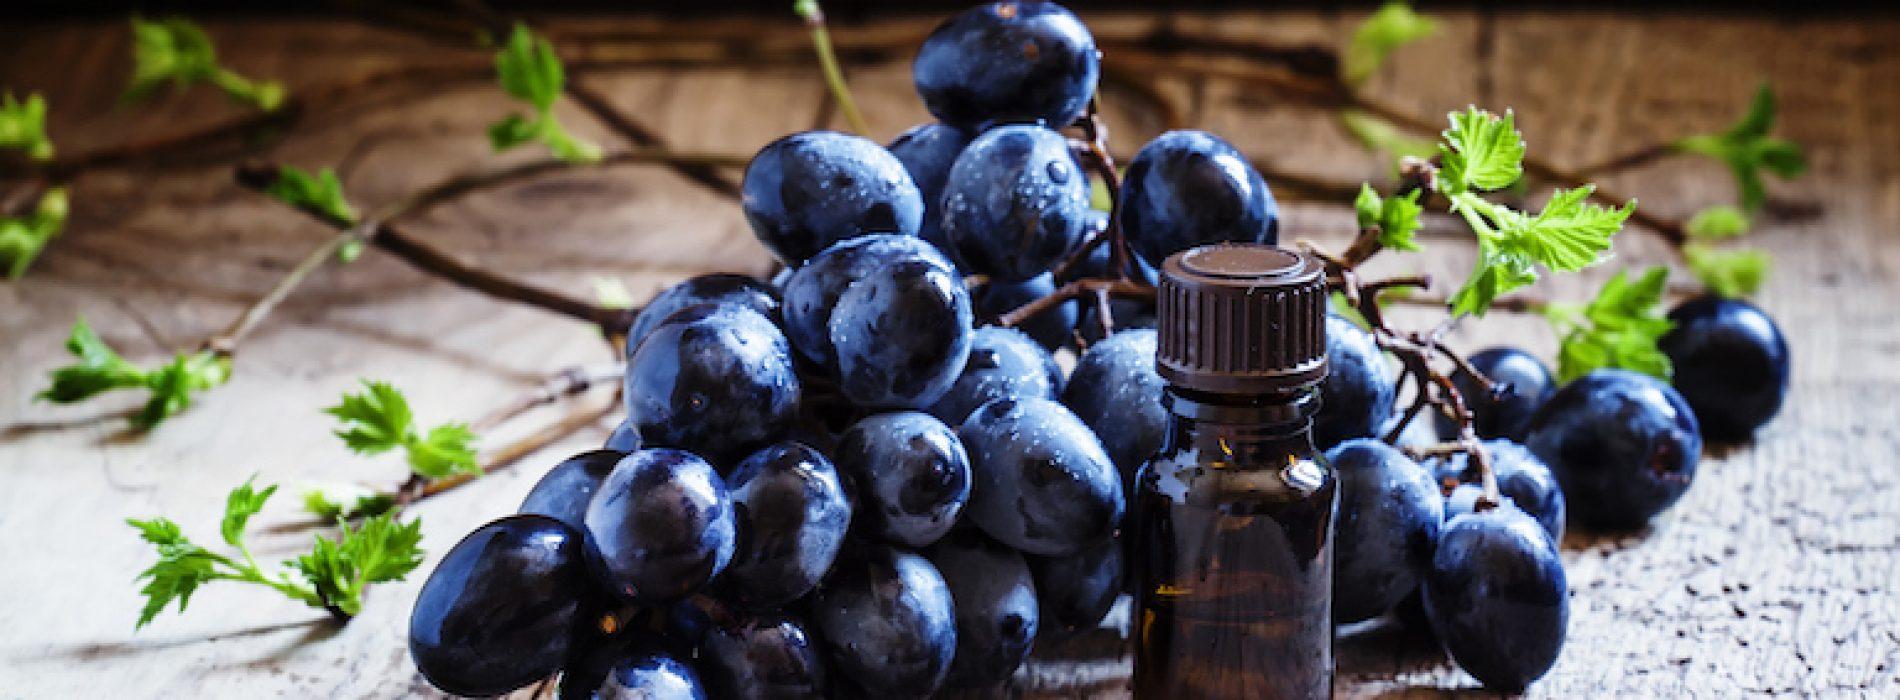 Bloedstolsel RISICO: deze unieke verbinding in druivenpitextract helpt uw bloedsomloop te beschermen